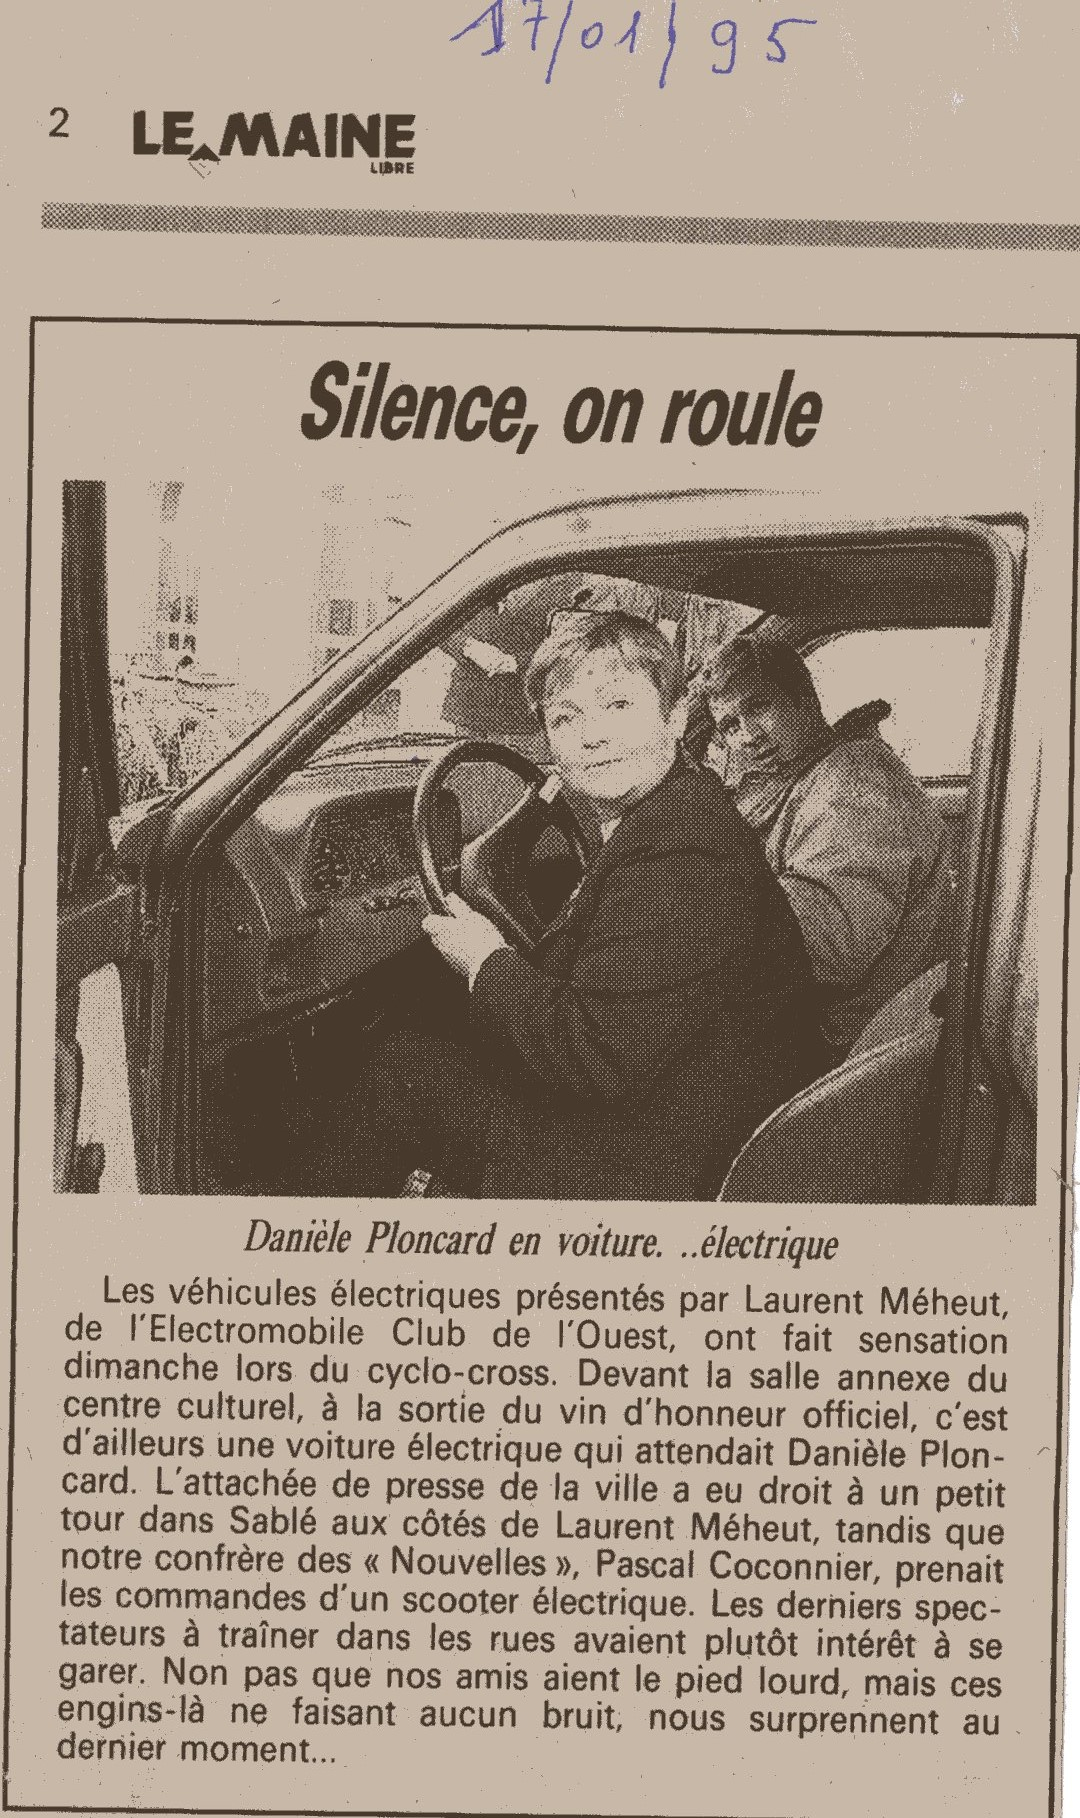 Le Mans 1995 laurent meheut et danielle ploncard